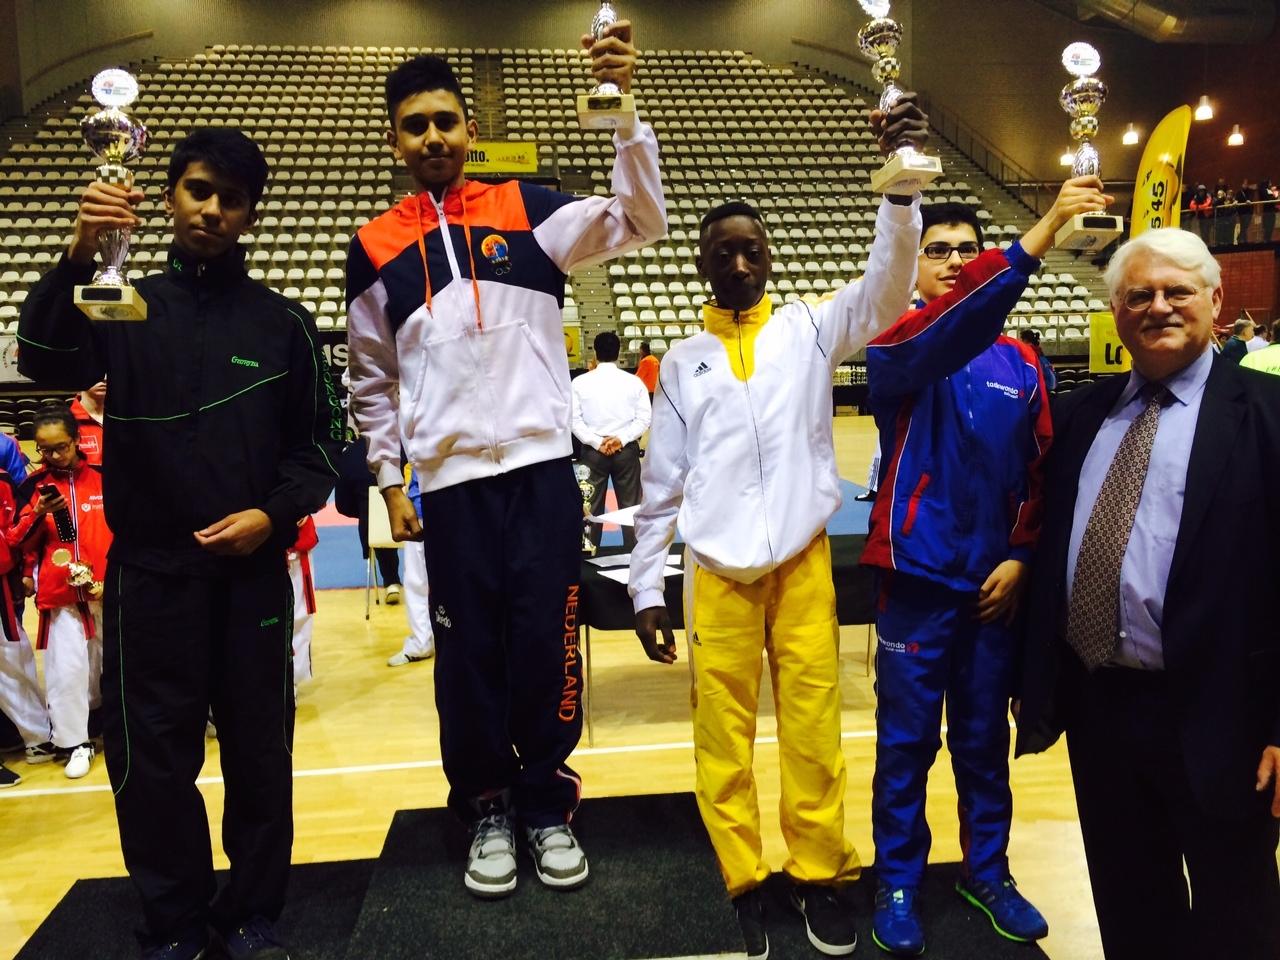 Haagse Topsportvereniging Taekwondo Koryo Den Haag is wederom de beste van Nederland!